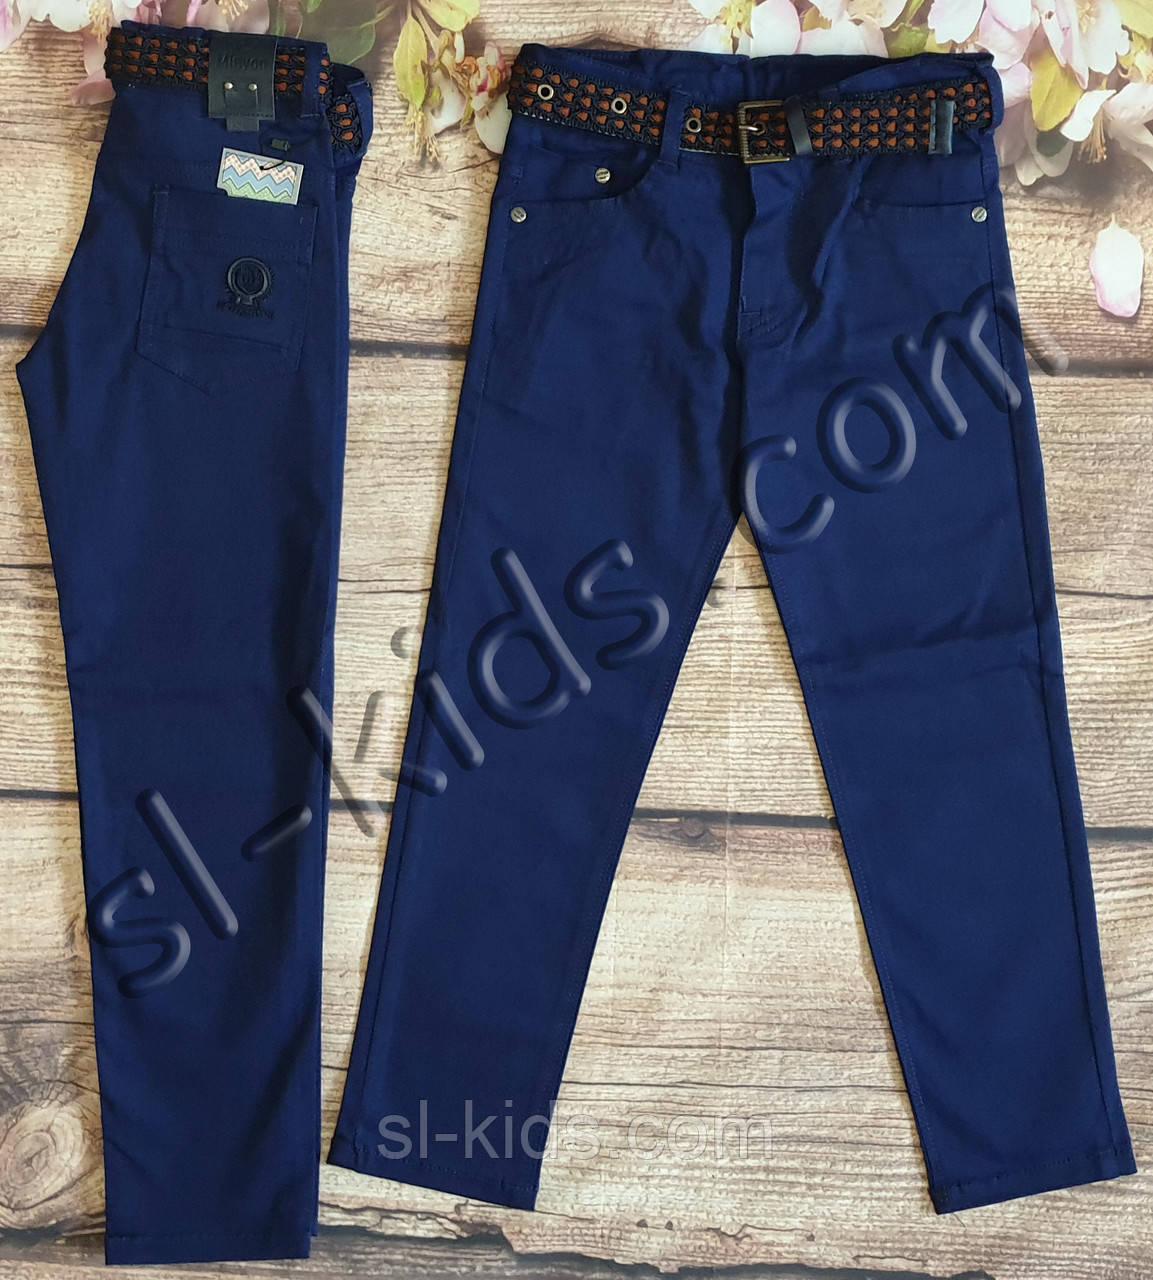 Яркие штаны,джинсы для мальчика 8-12 лет(синие) розн пр.Турция